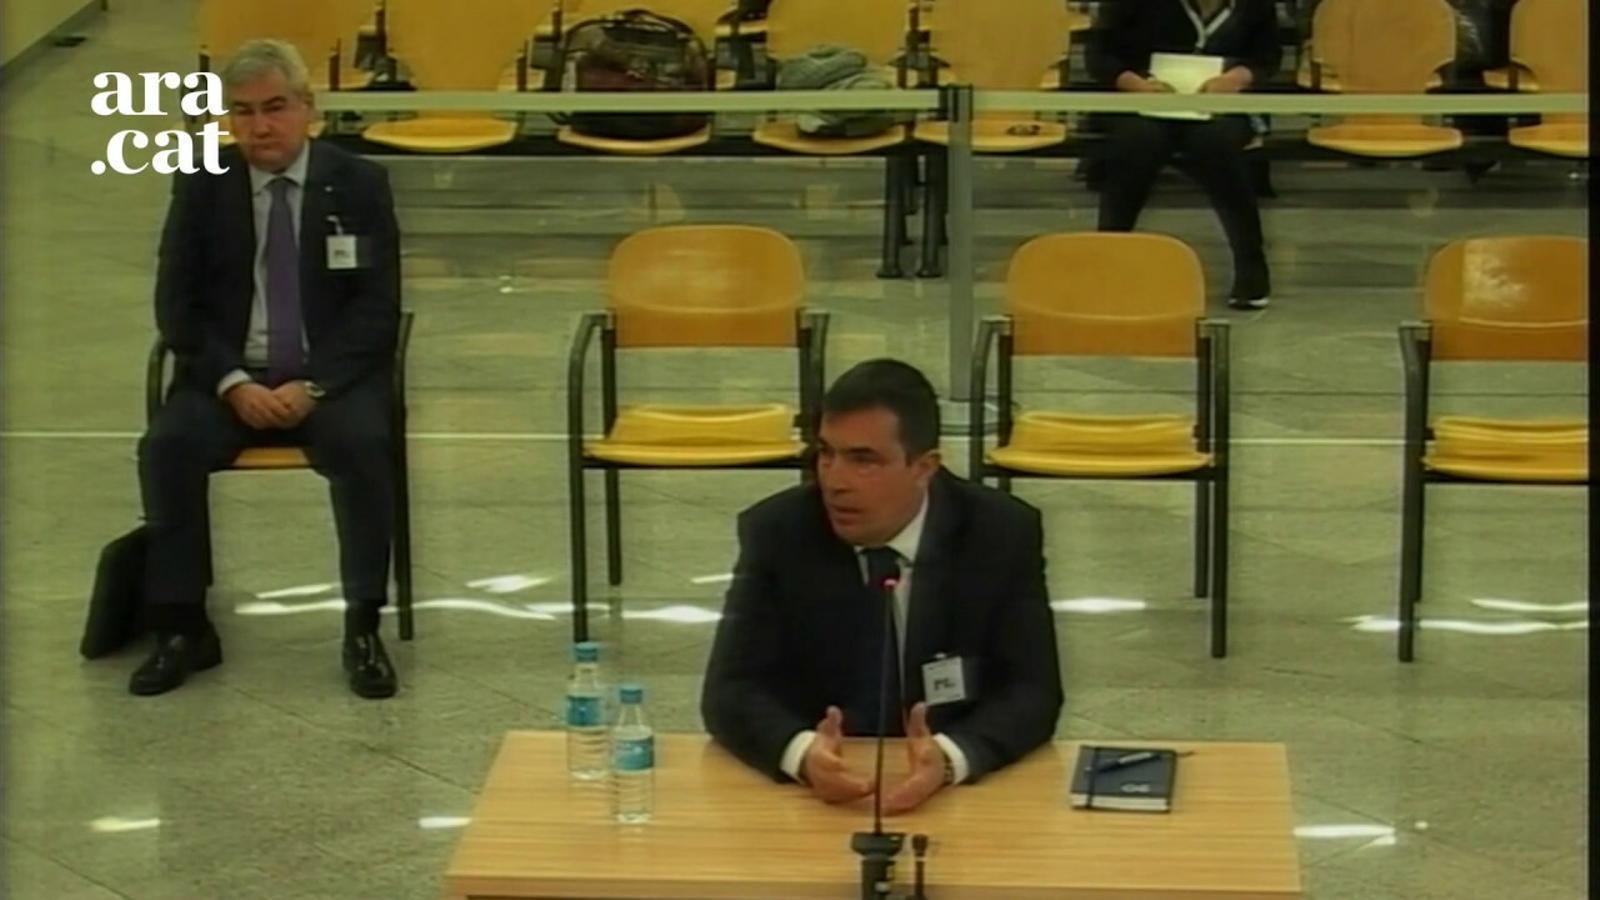 Pere Soler i Cèsar Puig minimitzen la seva capacitat per impedir l'1-O i exculpen els Mossos